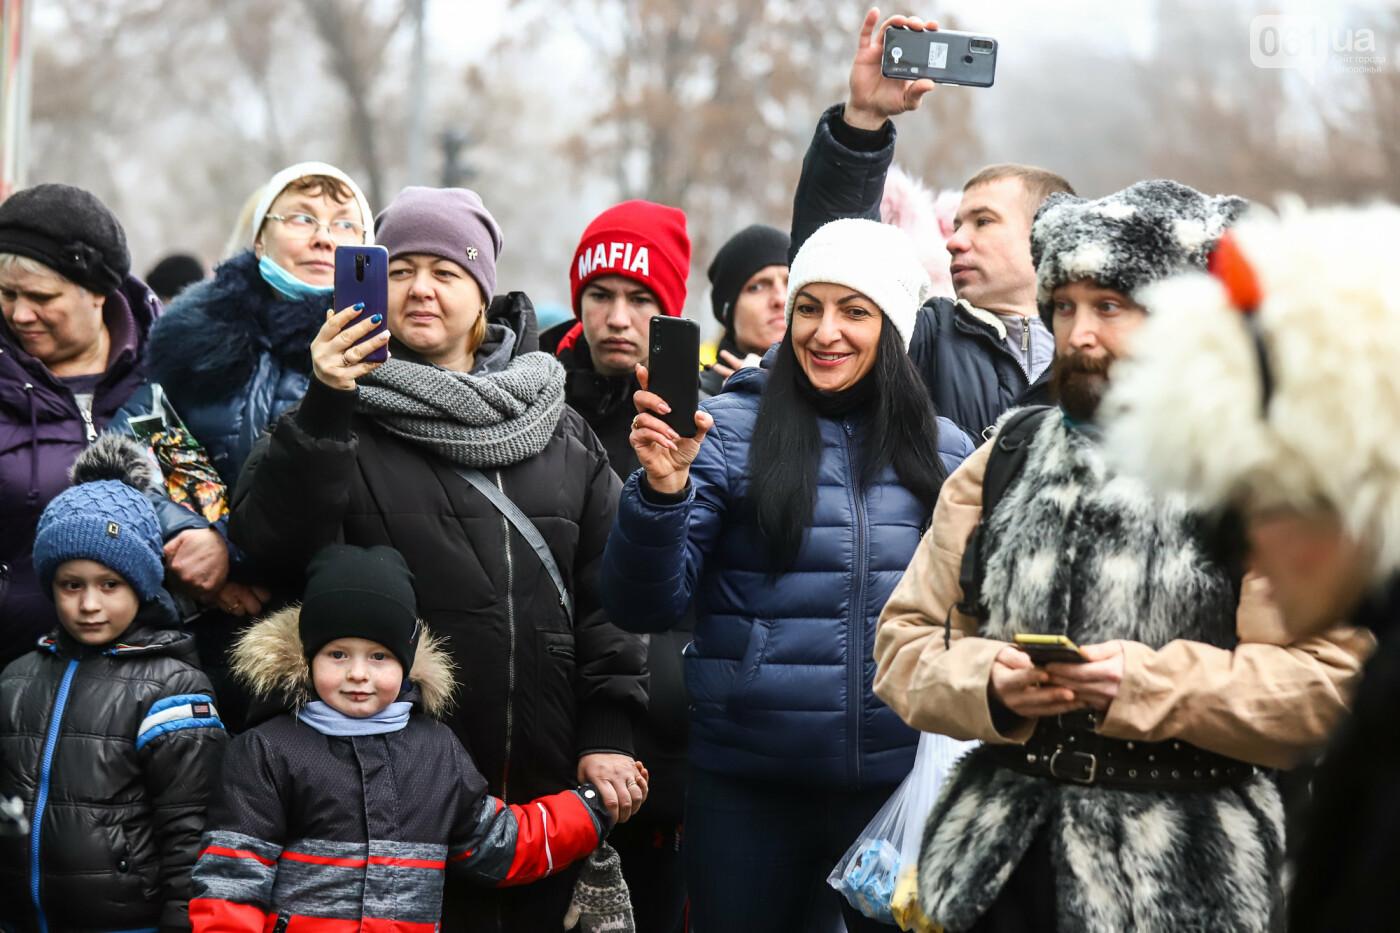 Нечистая сила против казаков: на улицах Запорожья показывали Рождественский вертеп, - ФОТО, ВИДЕО  , фото-14